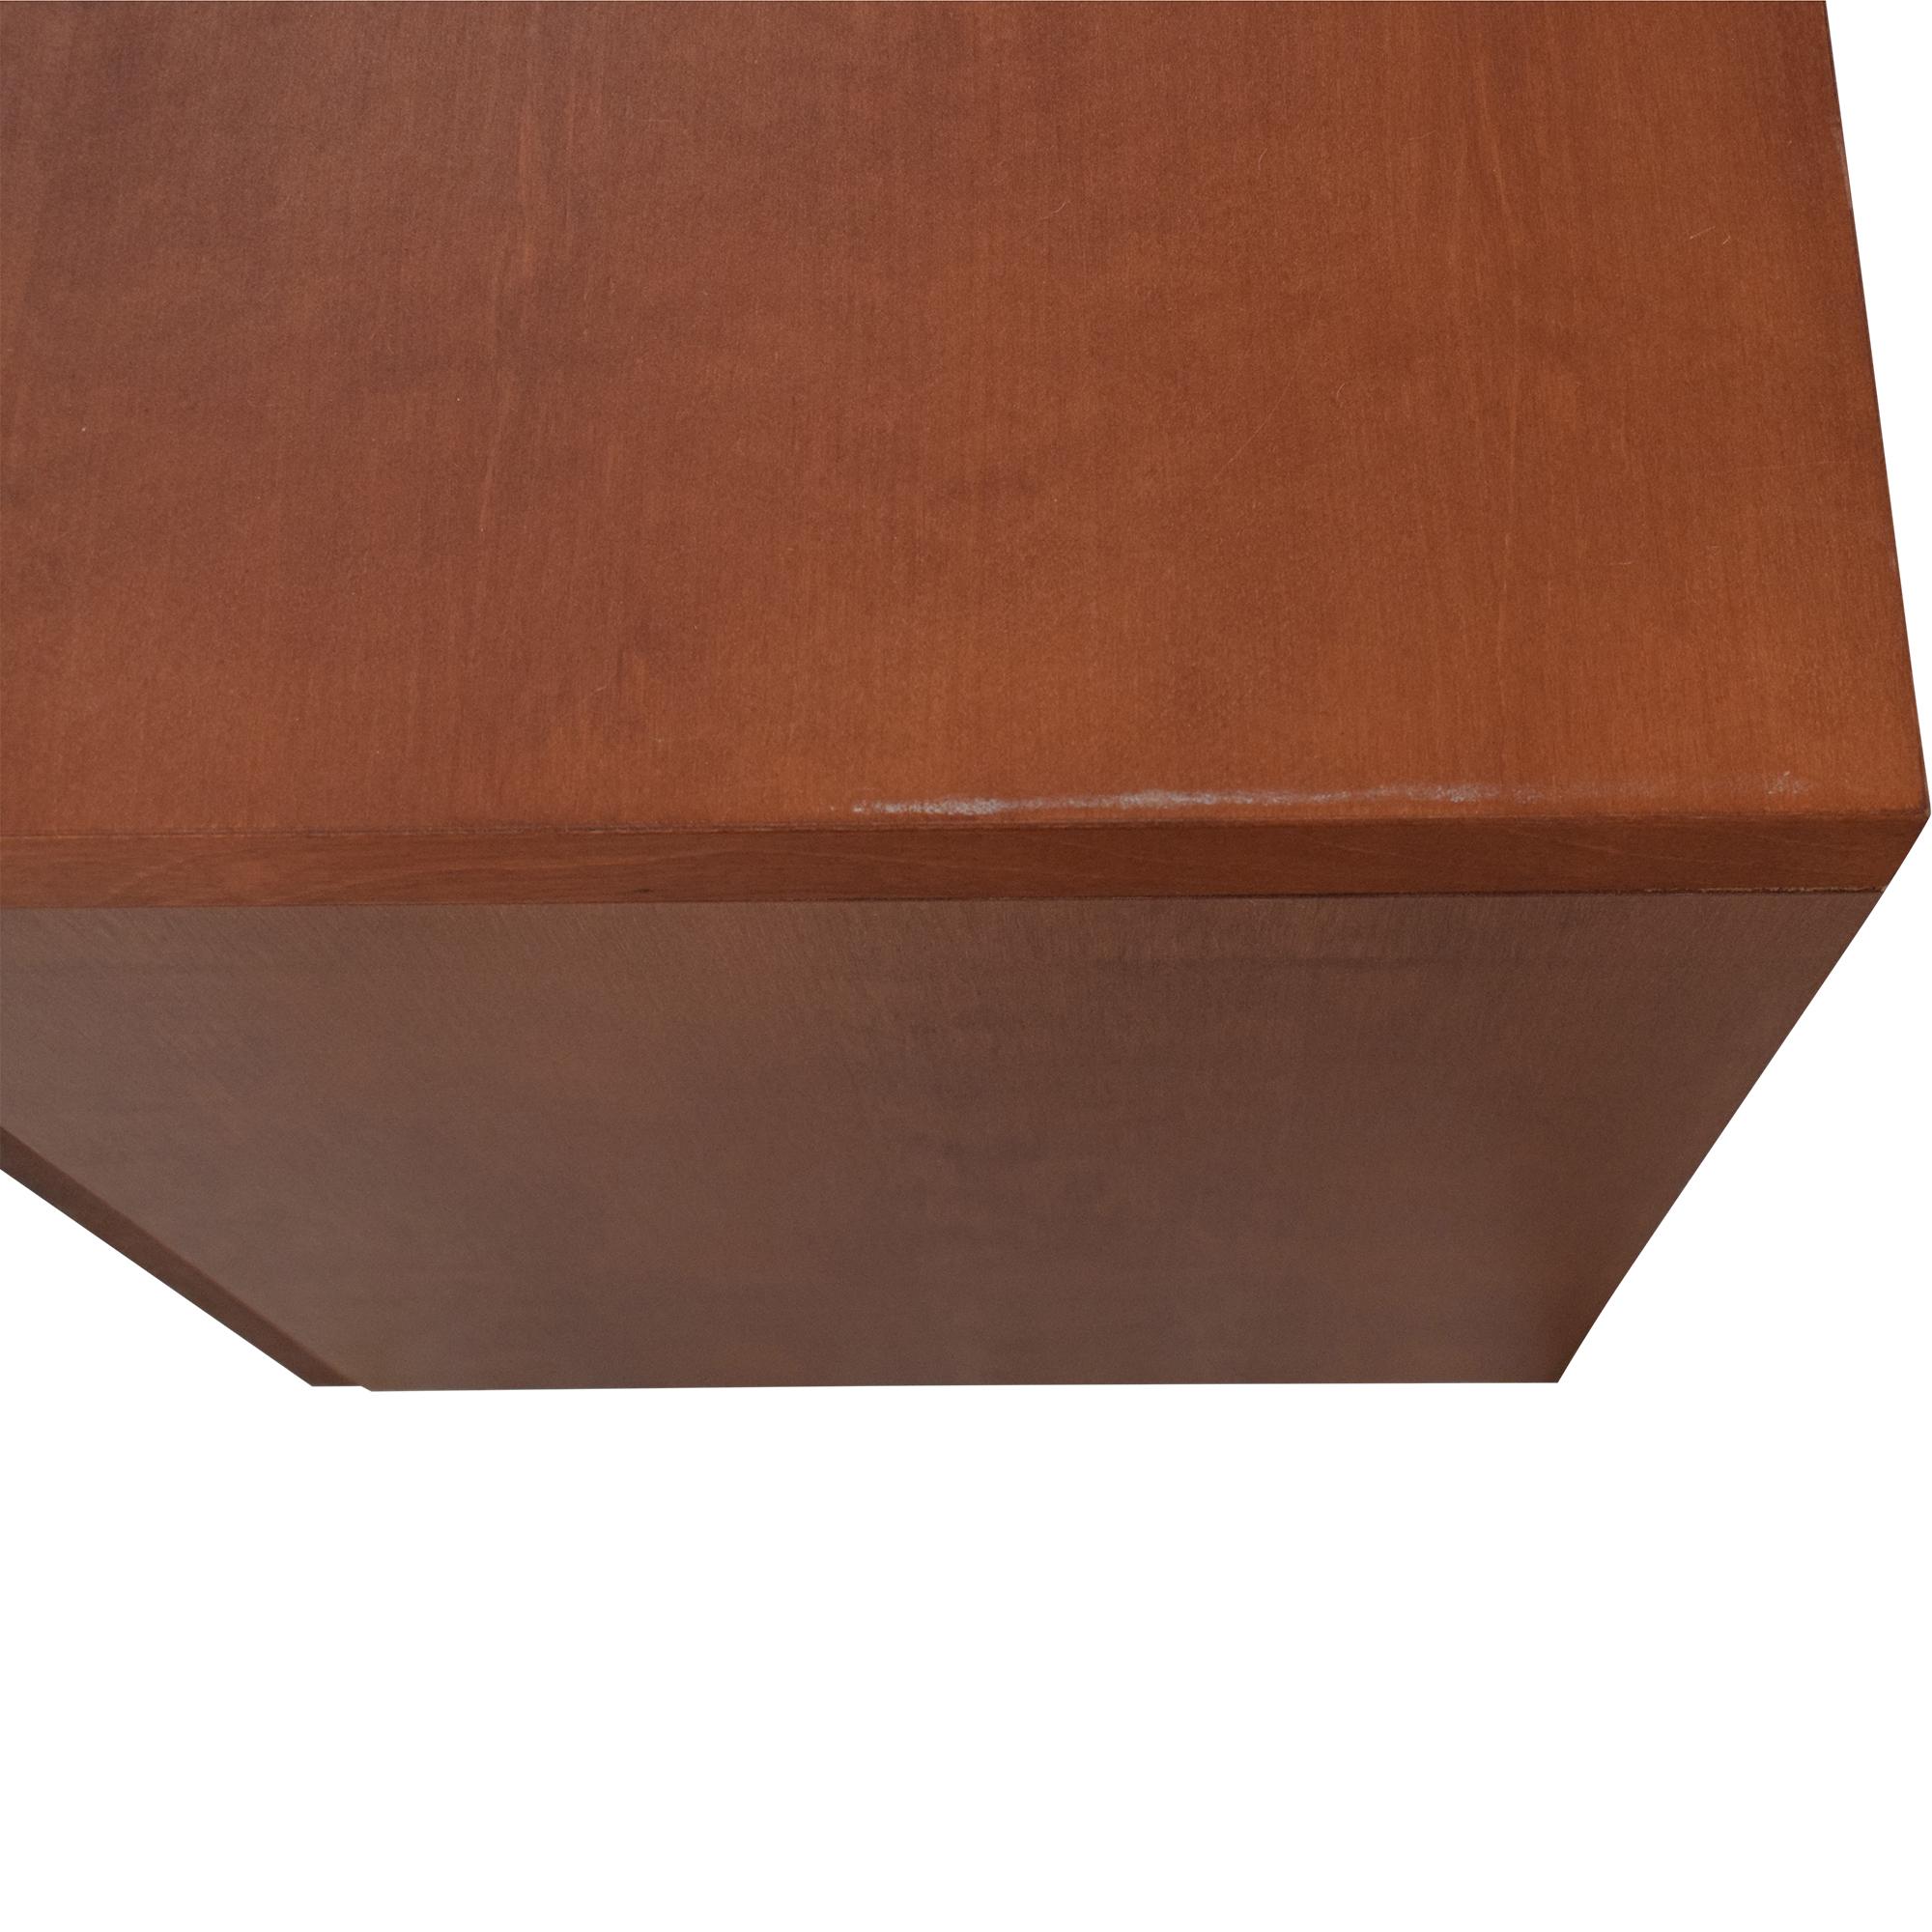 Design Within Reach Design Within Reach Desk with File Pedestal pa